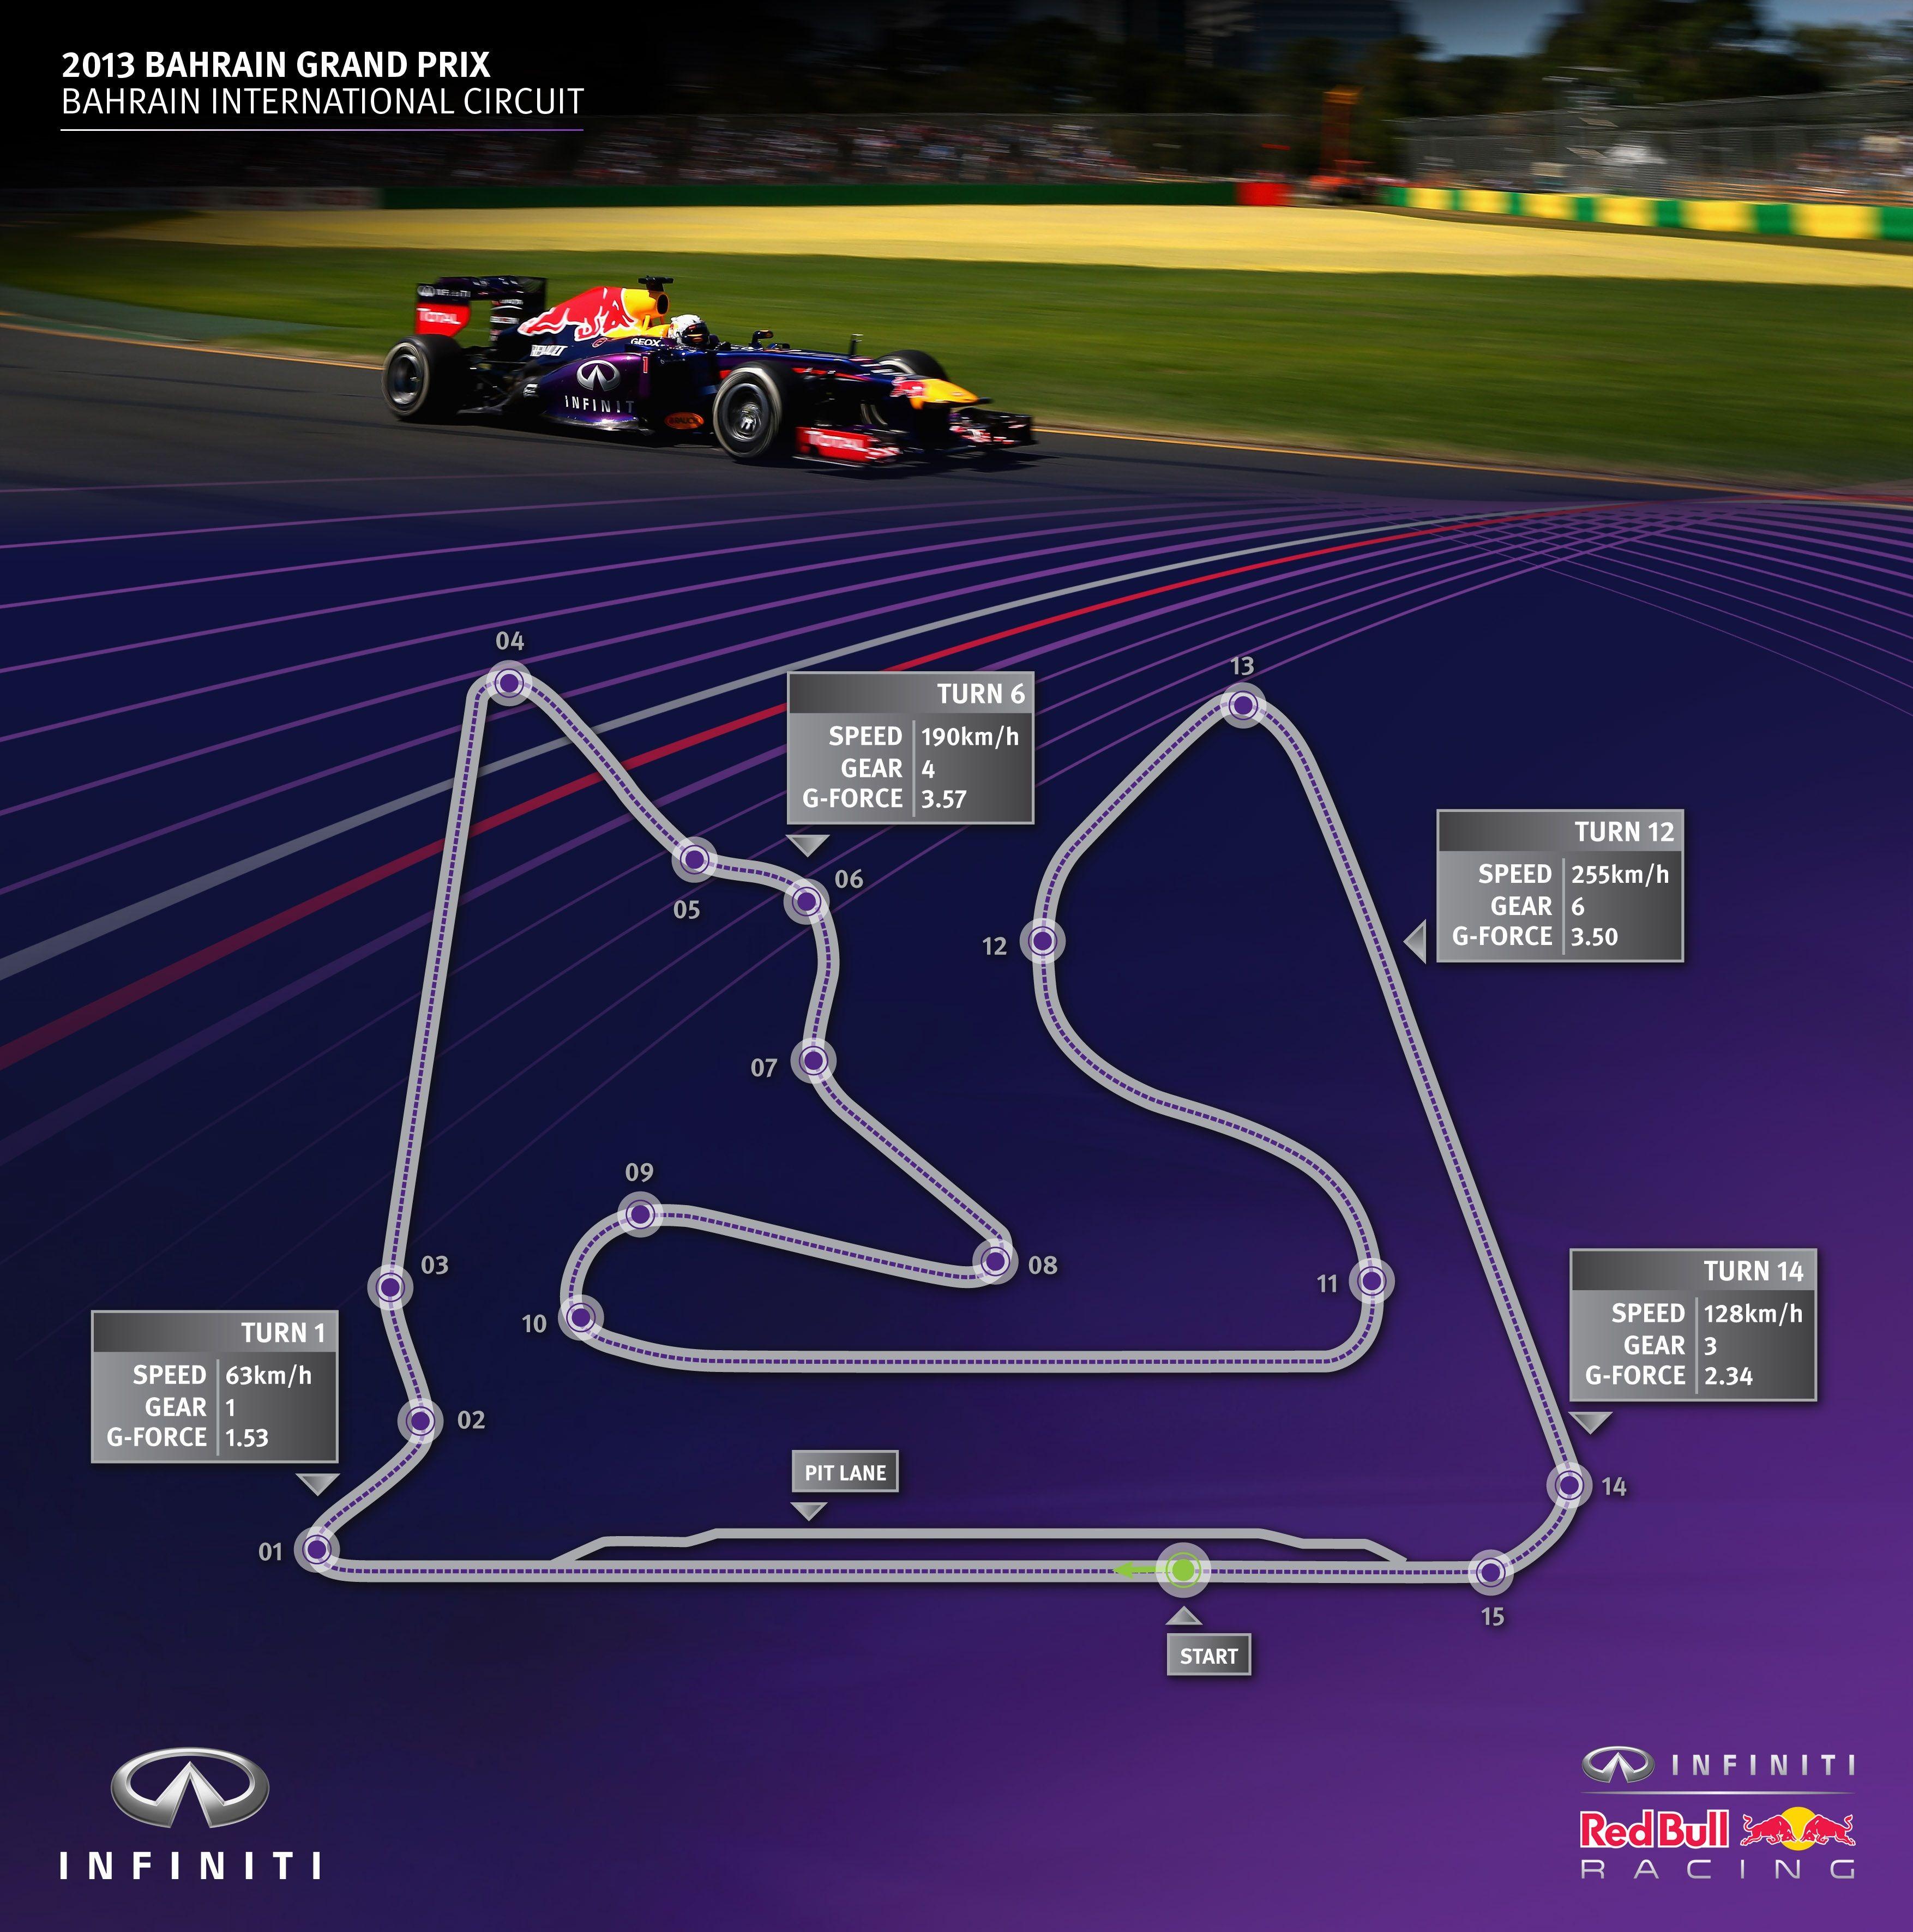 Infiniti Gp Red Bull Racing Formula 1 Australian Grand Prix